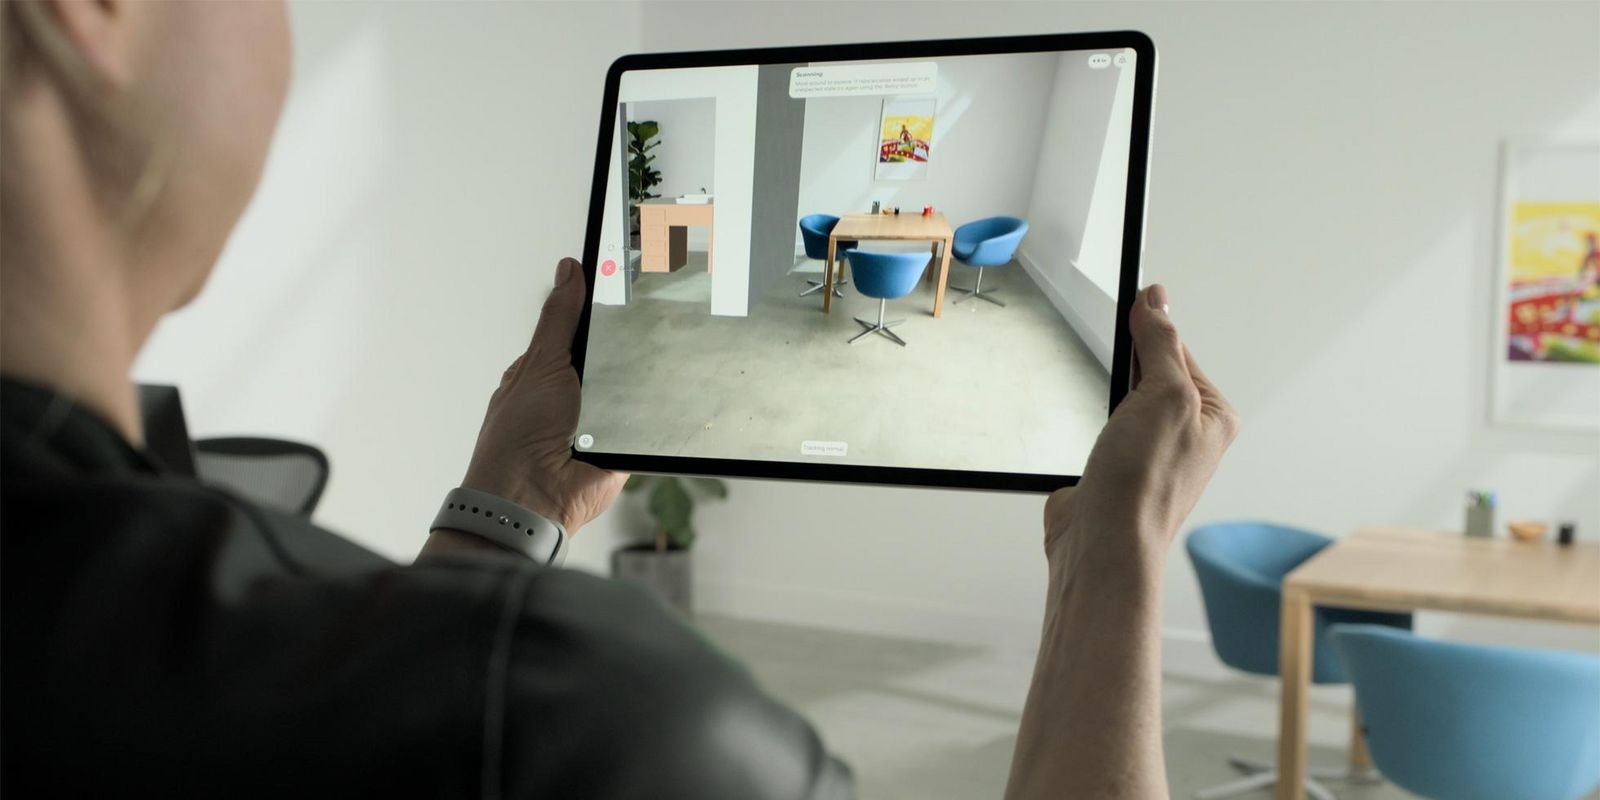 serien stream tablet